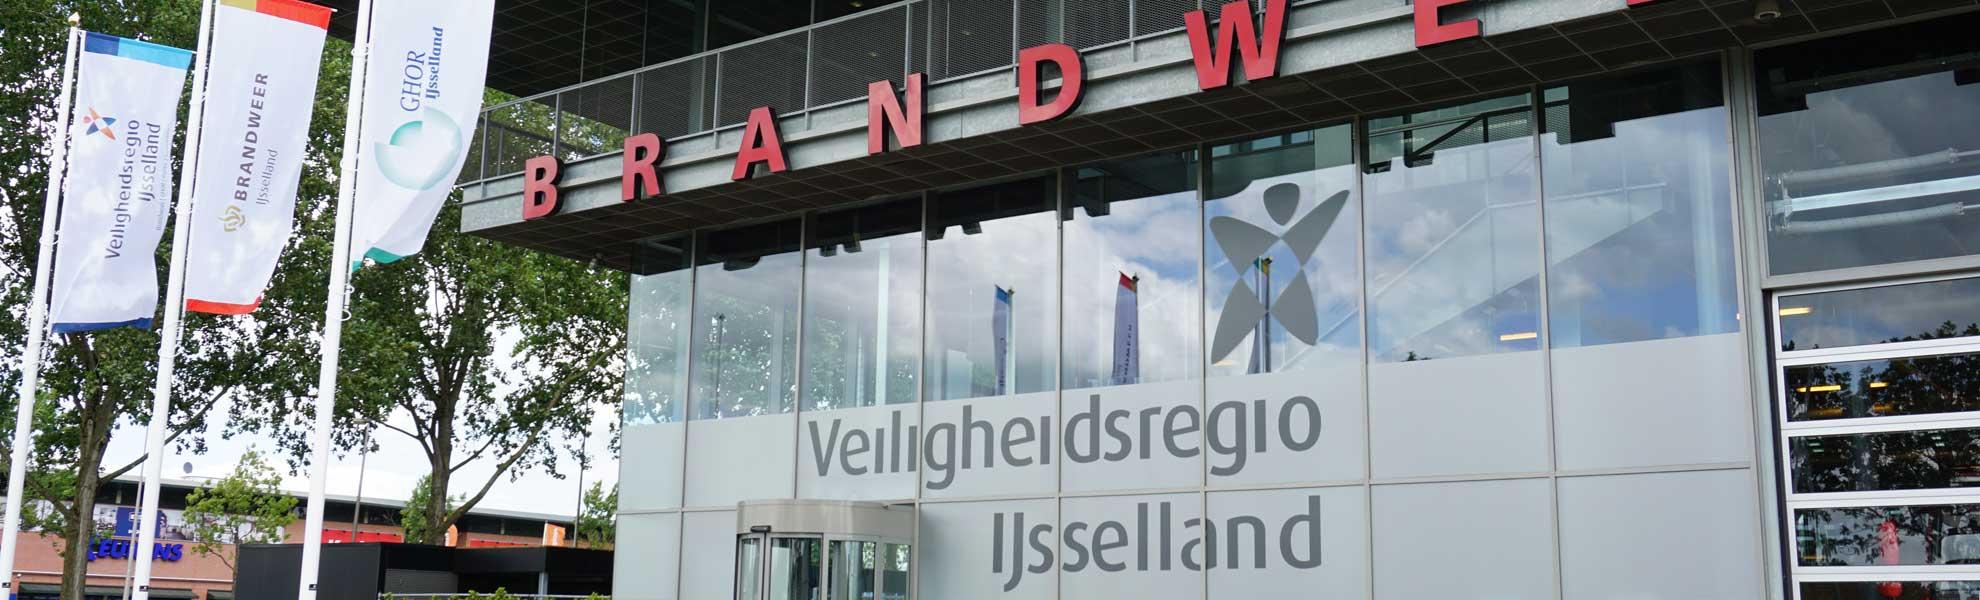 Hoofdkantoor Veiligheidsregio IJsselland